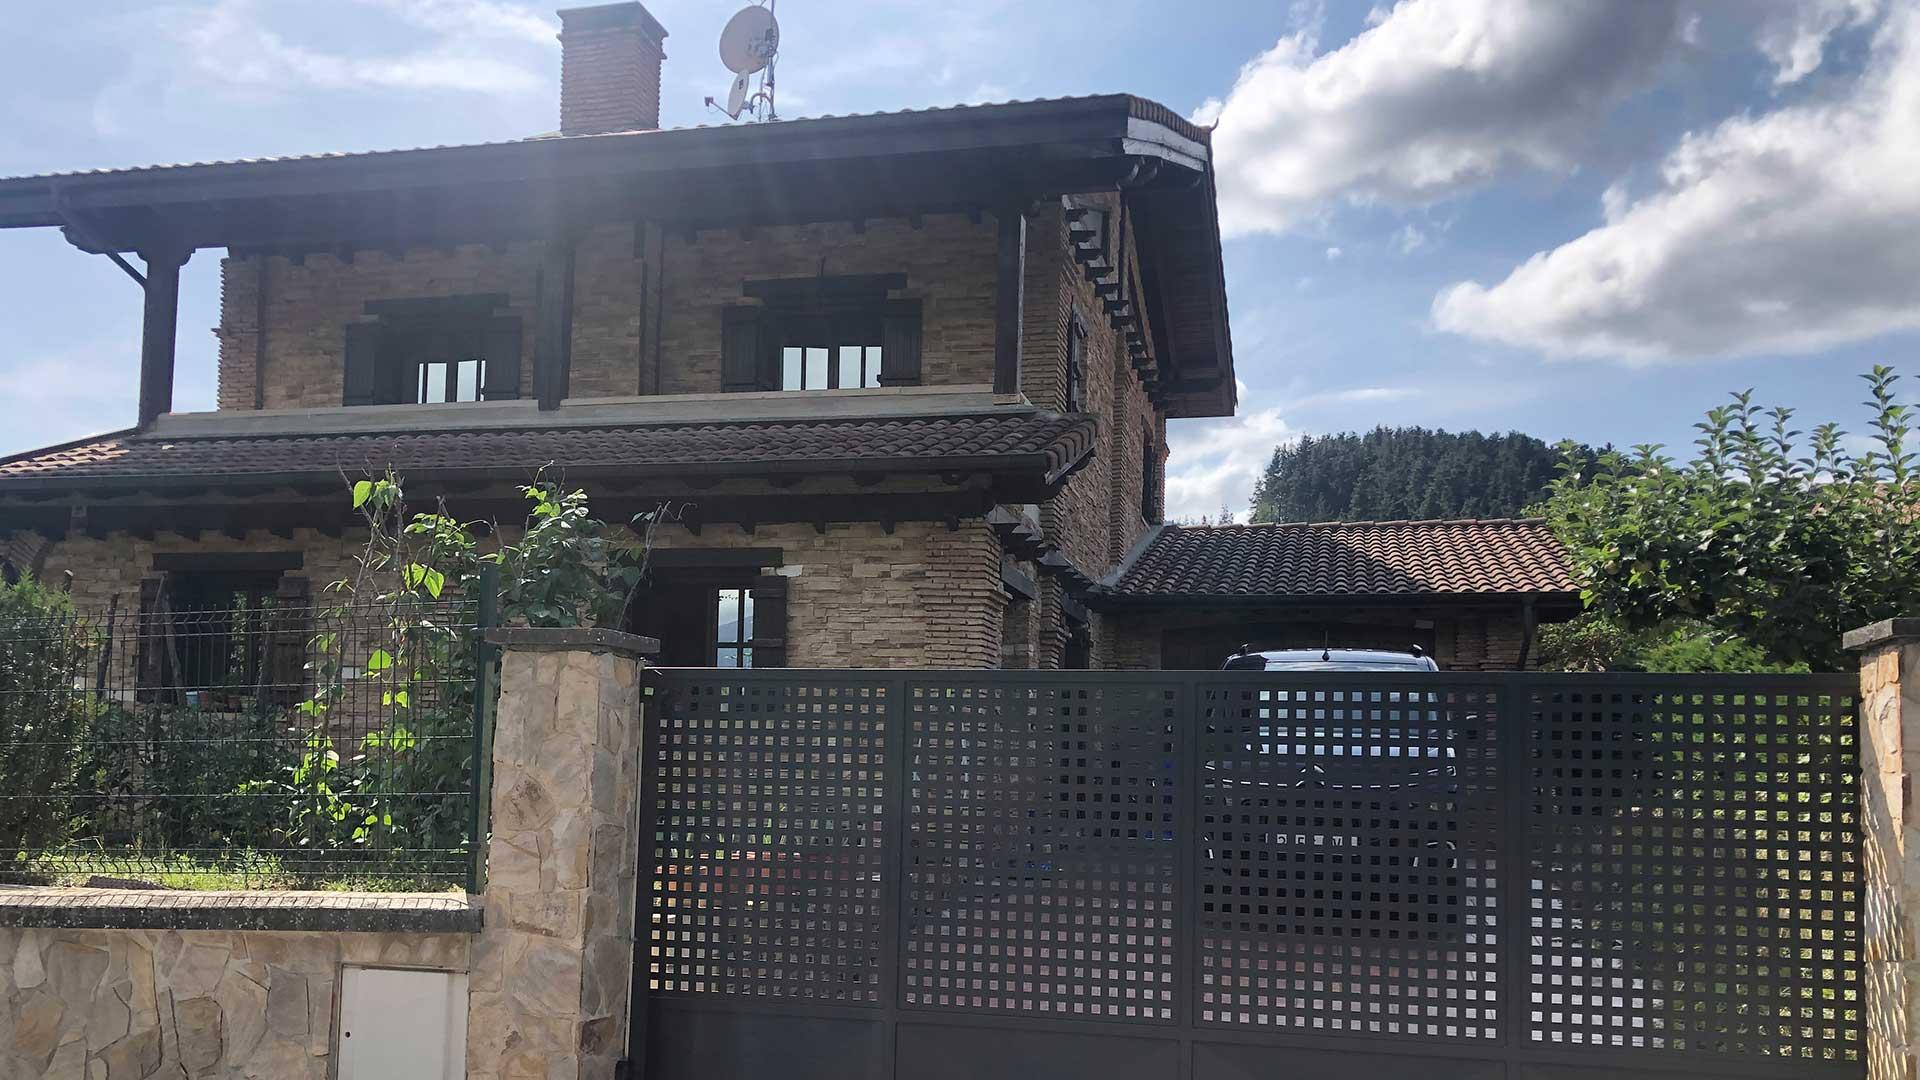 imagen entrada chalet zurugari alaya taldea arquitectura mondragon